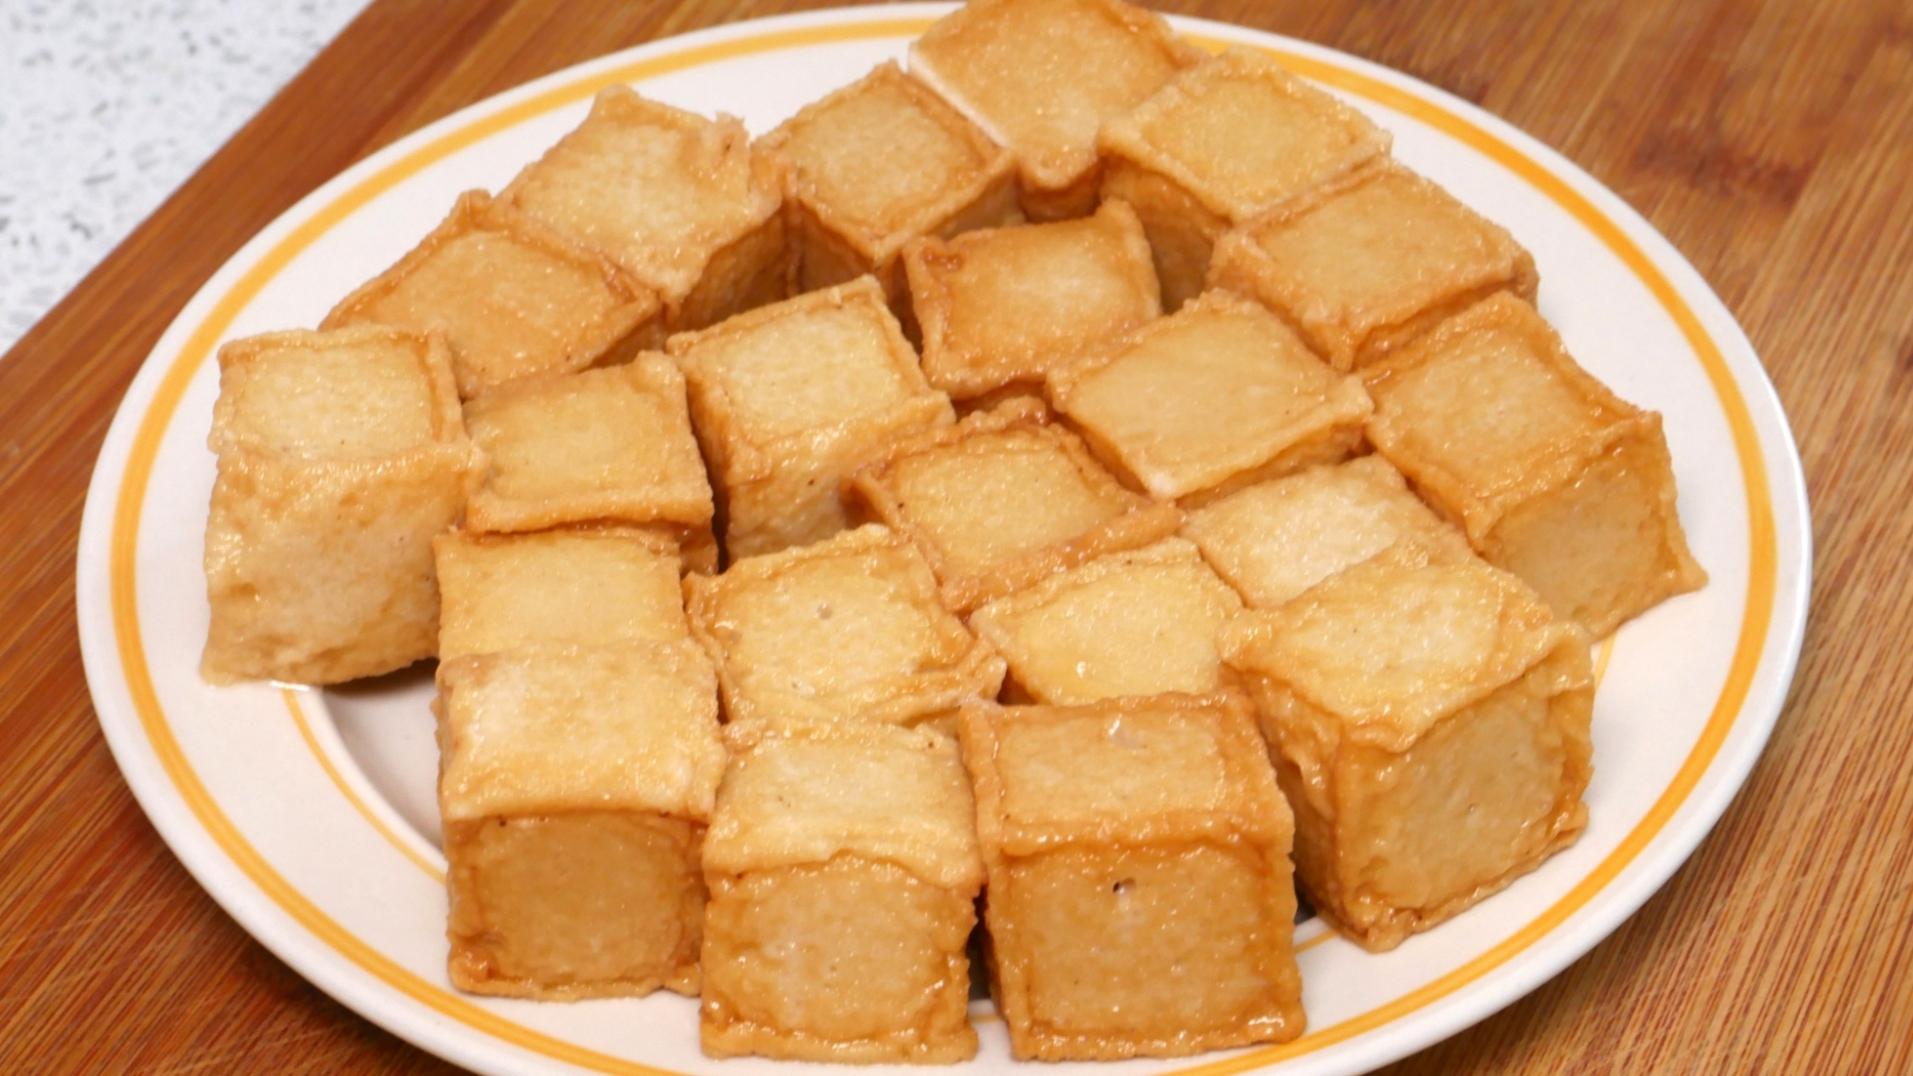 鱼豆腐新做法,比涮的好吃多了,Q弹鲜嫩,我家隔三岔五就吃